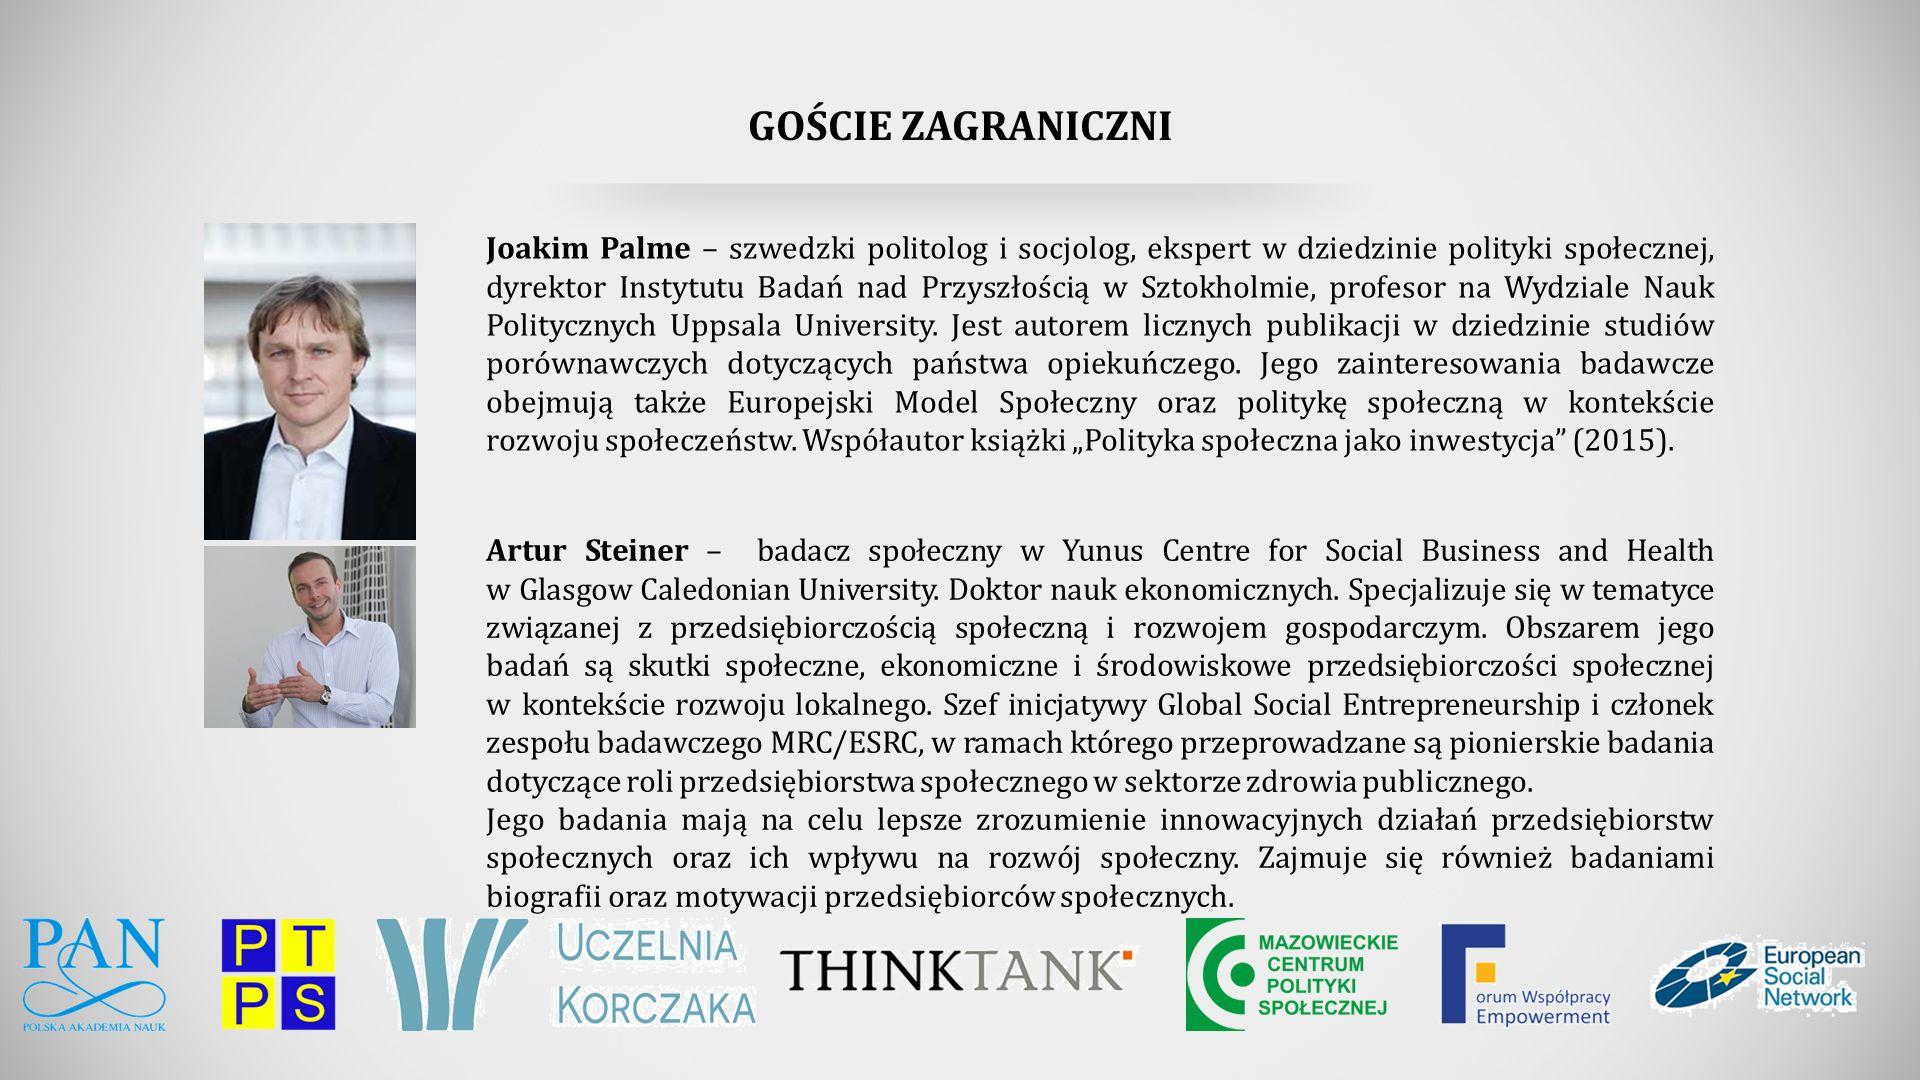 GOŚCIE ZAGRANICZNI Joakim Palme – szwedzki politolog i socjolog, ekspert w dziedzinie polityki społecznej, dyrektor Instytutu Badań nad Przyszłością w Sztokholmie, profesor na Wydziale Nauk Politycznych Uppsala University.